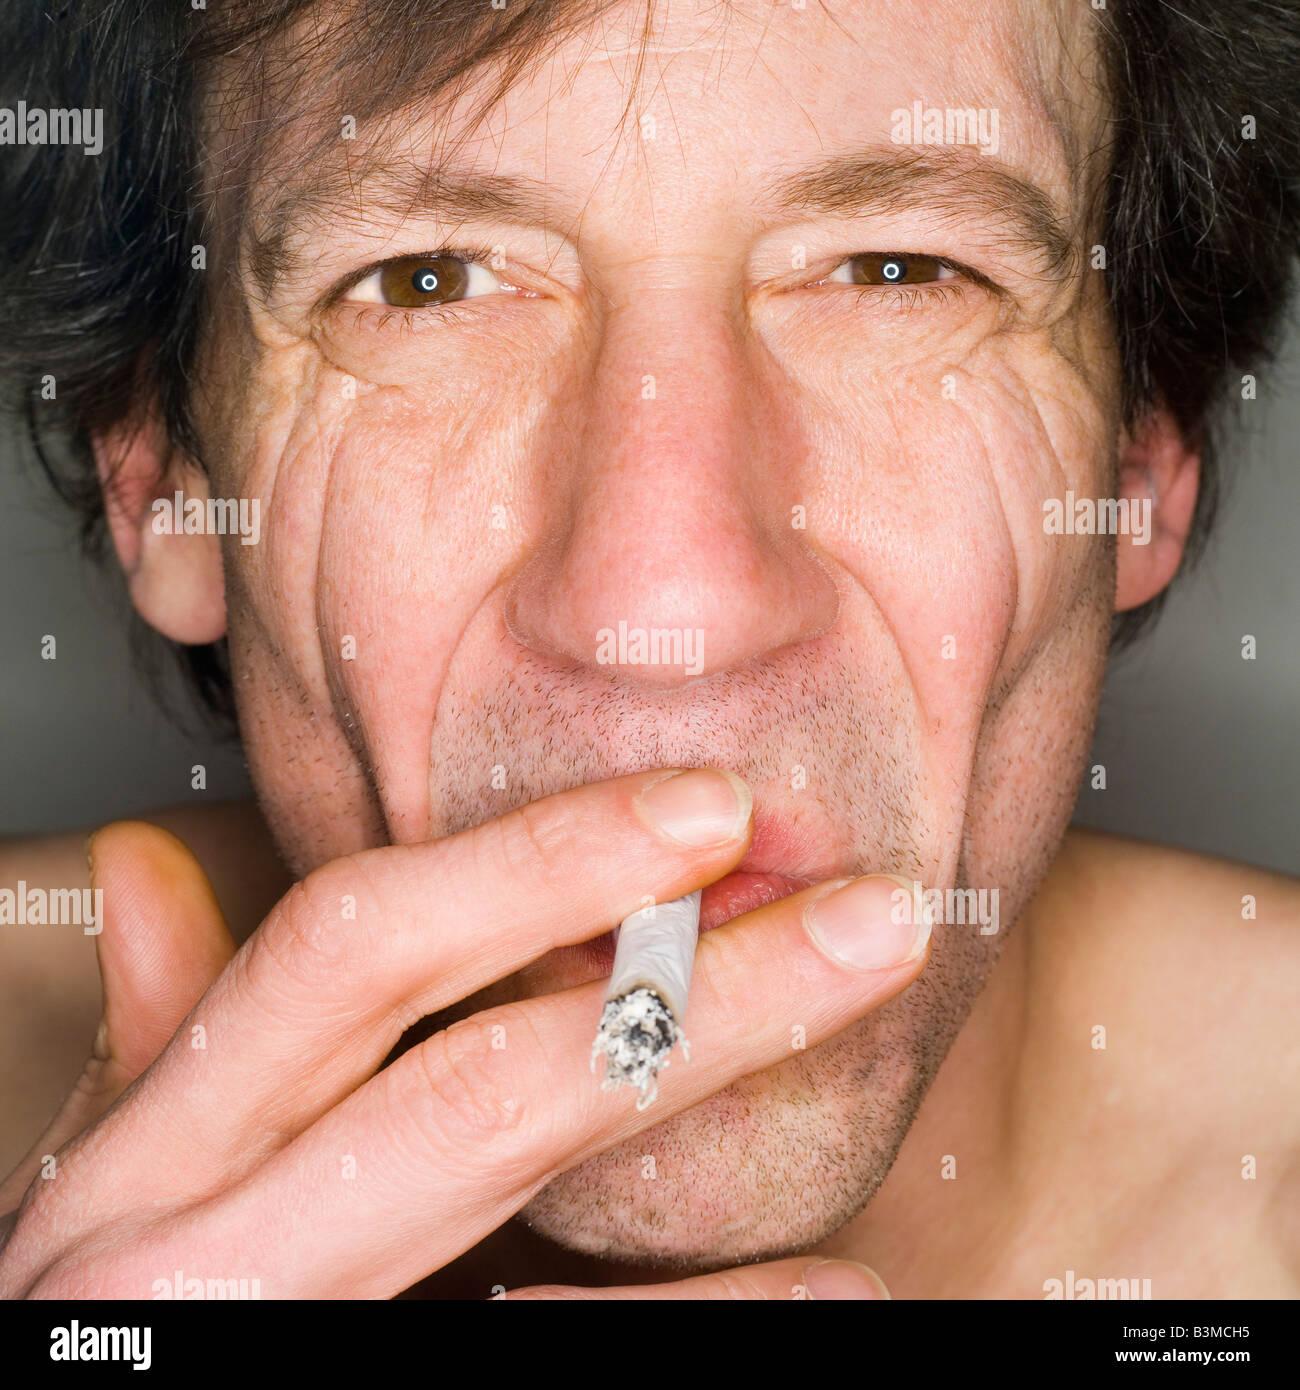 Mann Rauchen, Nahaufnahme, Porträt Stockbild